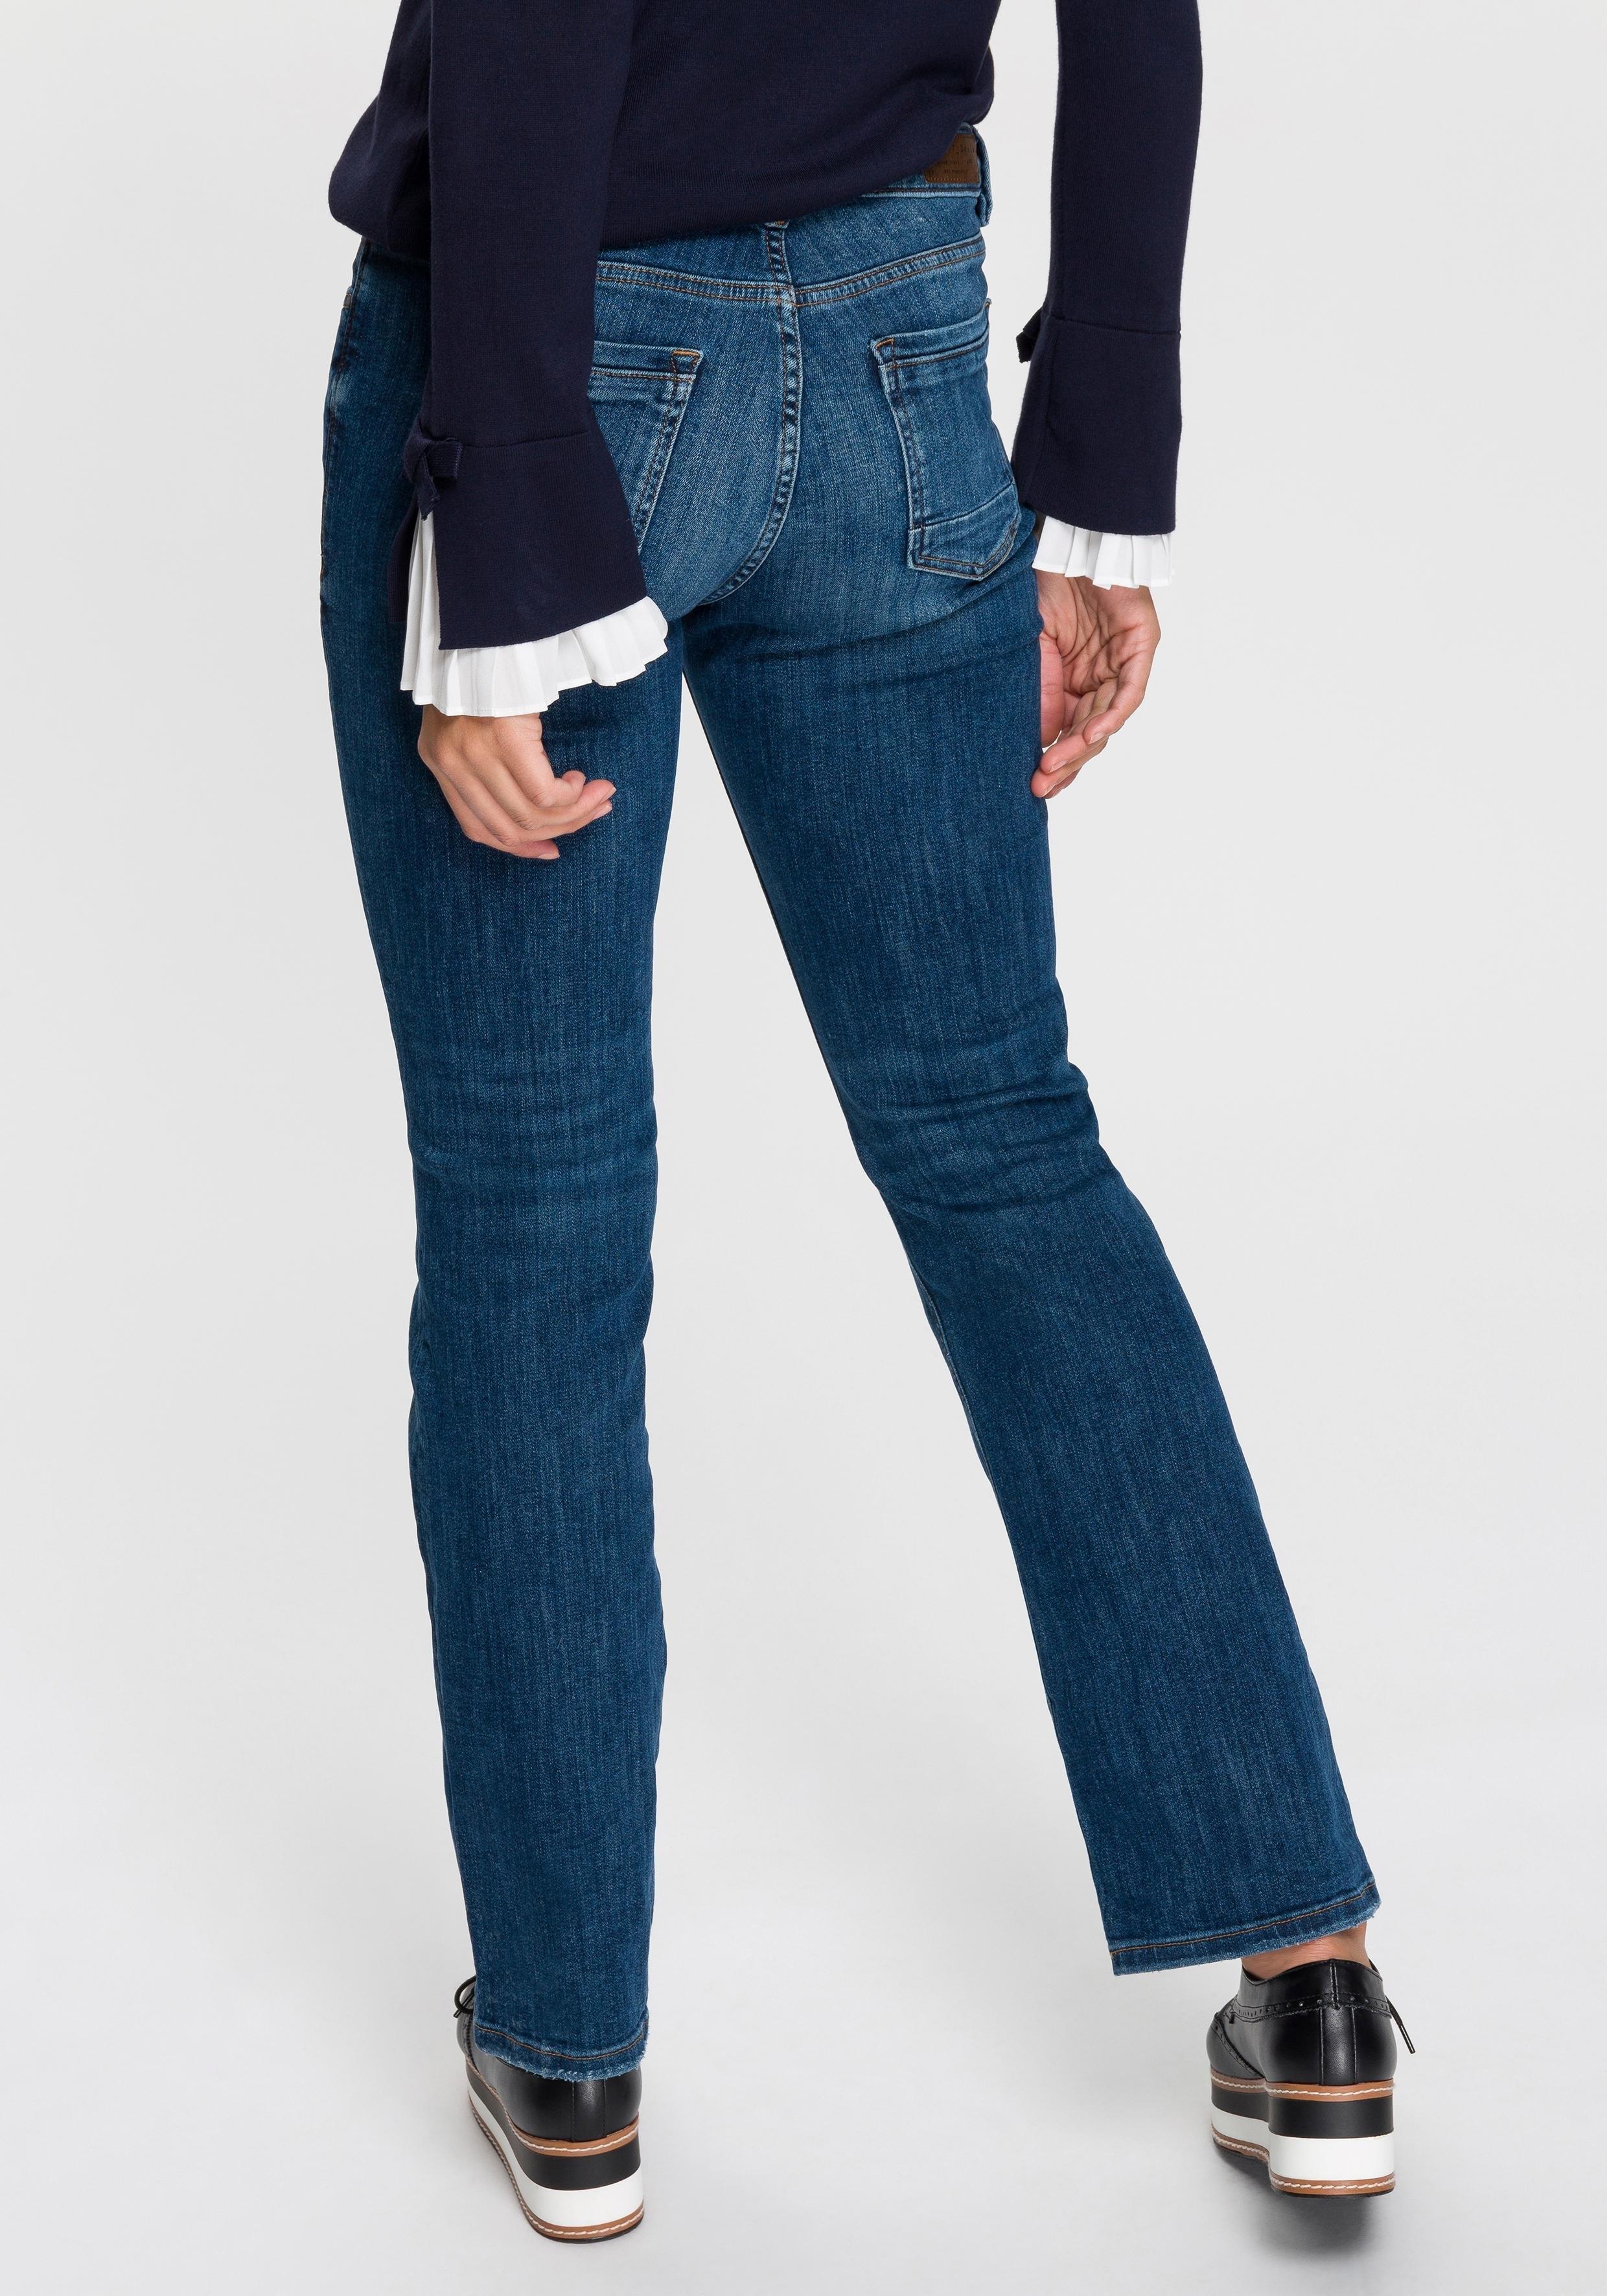 Op zoek naar een ESPRIT 5-pocket jeans? Koop online bij OTTO